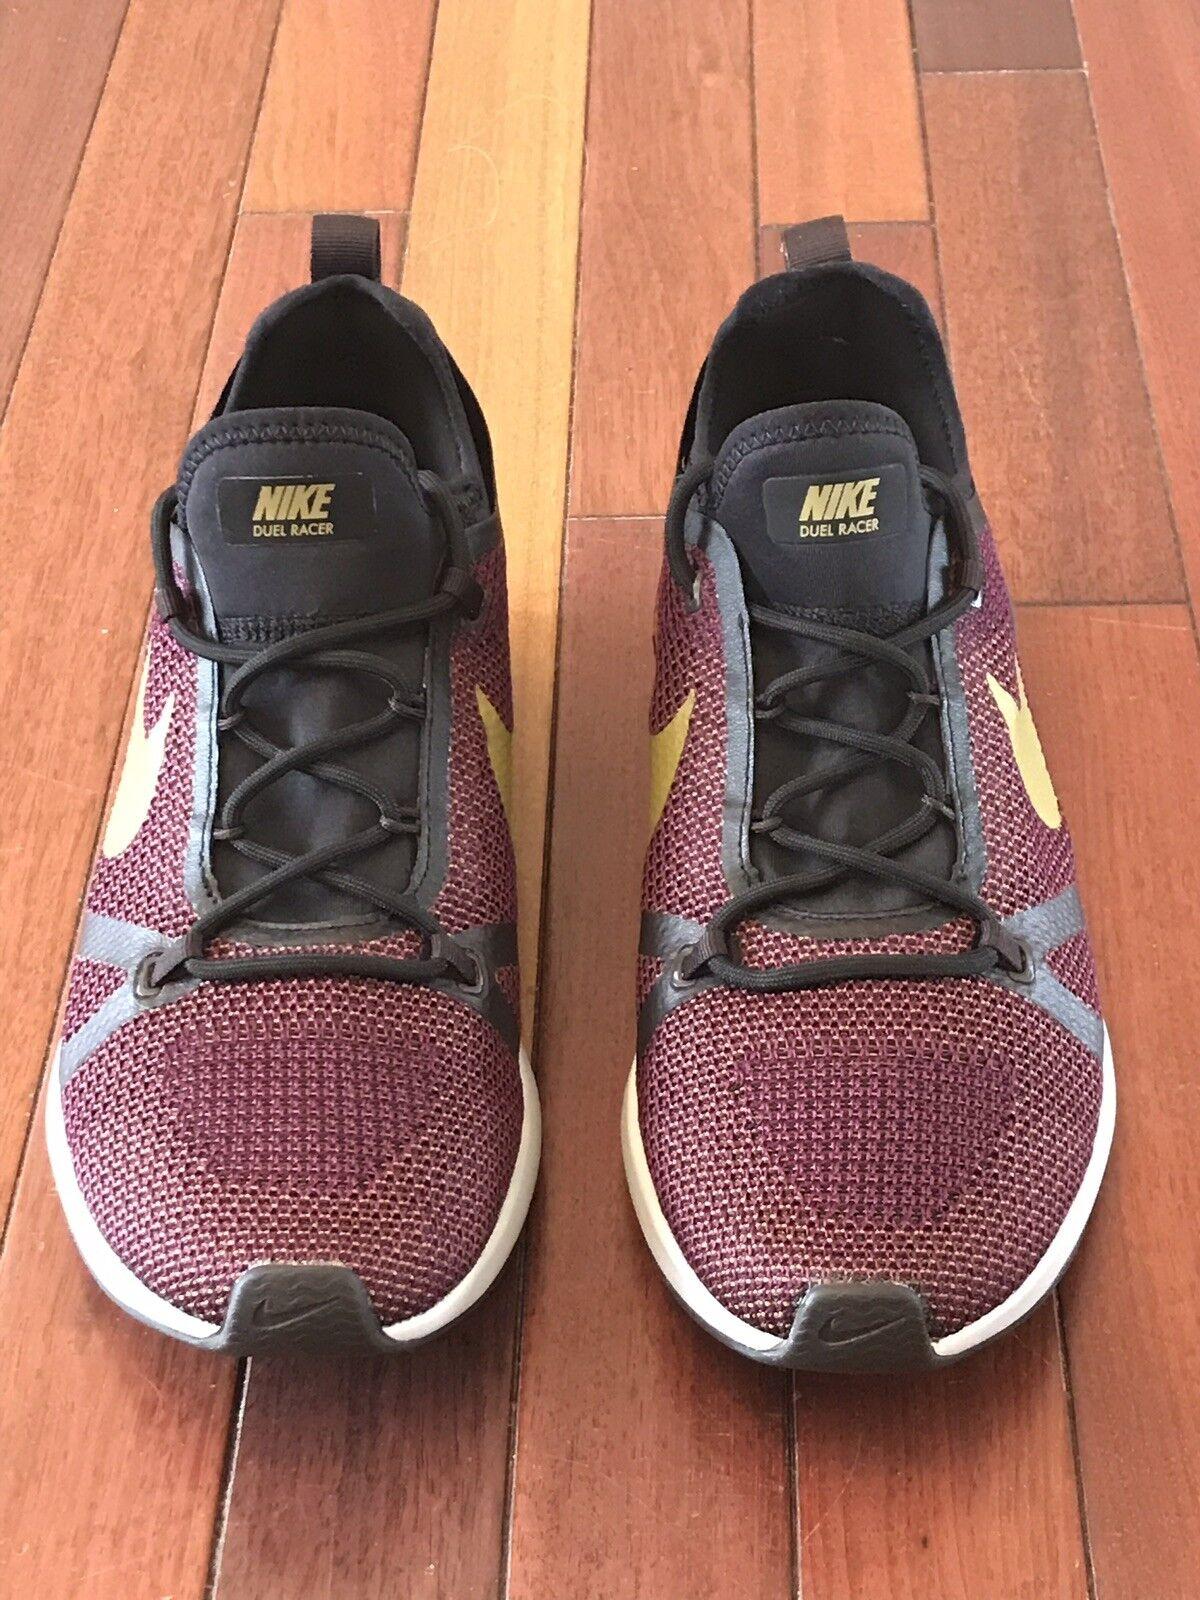 Nike Dual Dual Dual Racer 918228-601 Bordeaux Desert Moss Men's Running shoes Size 9 6ada82